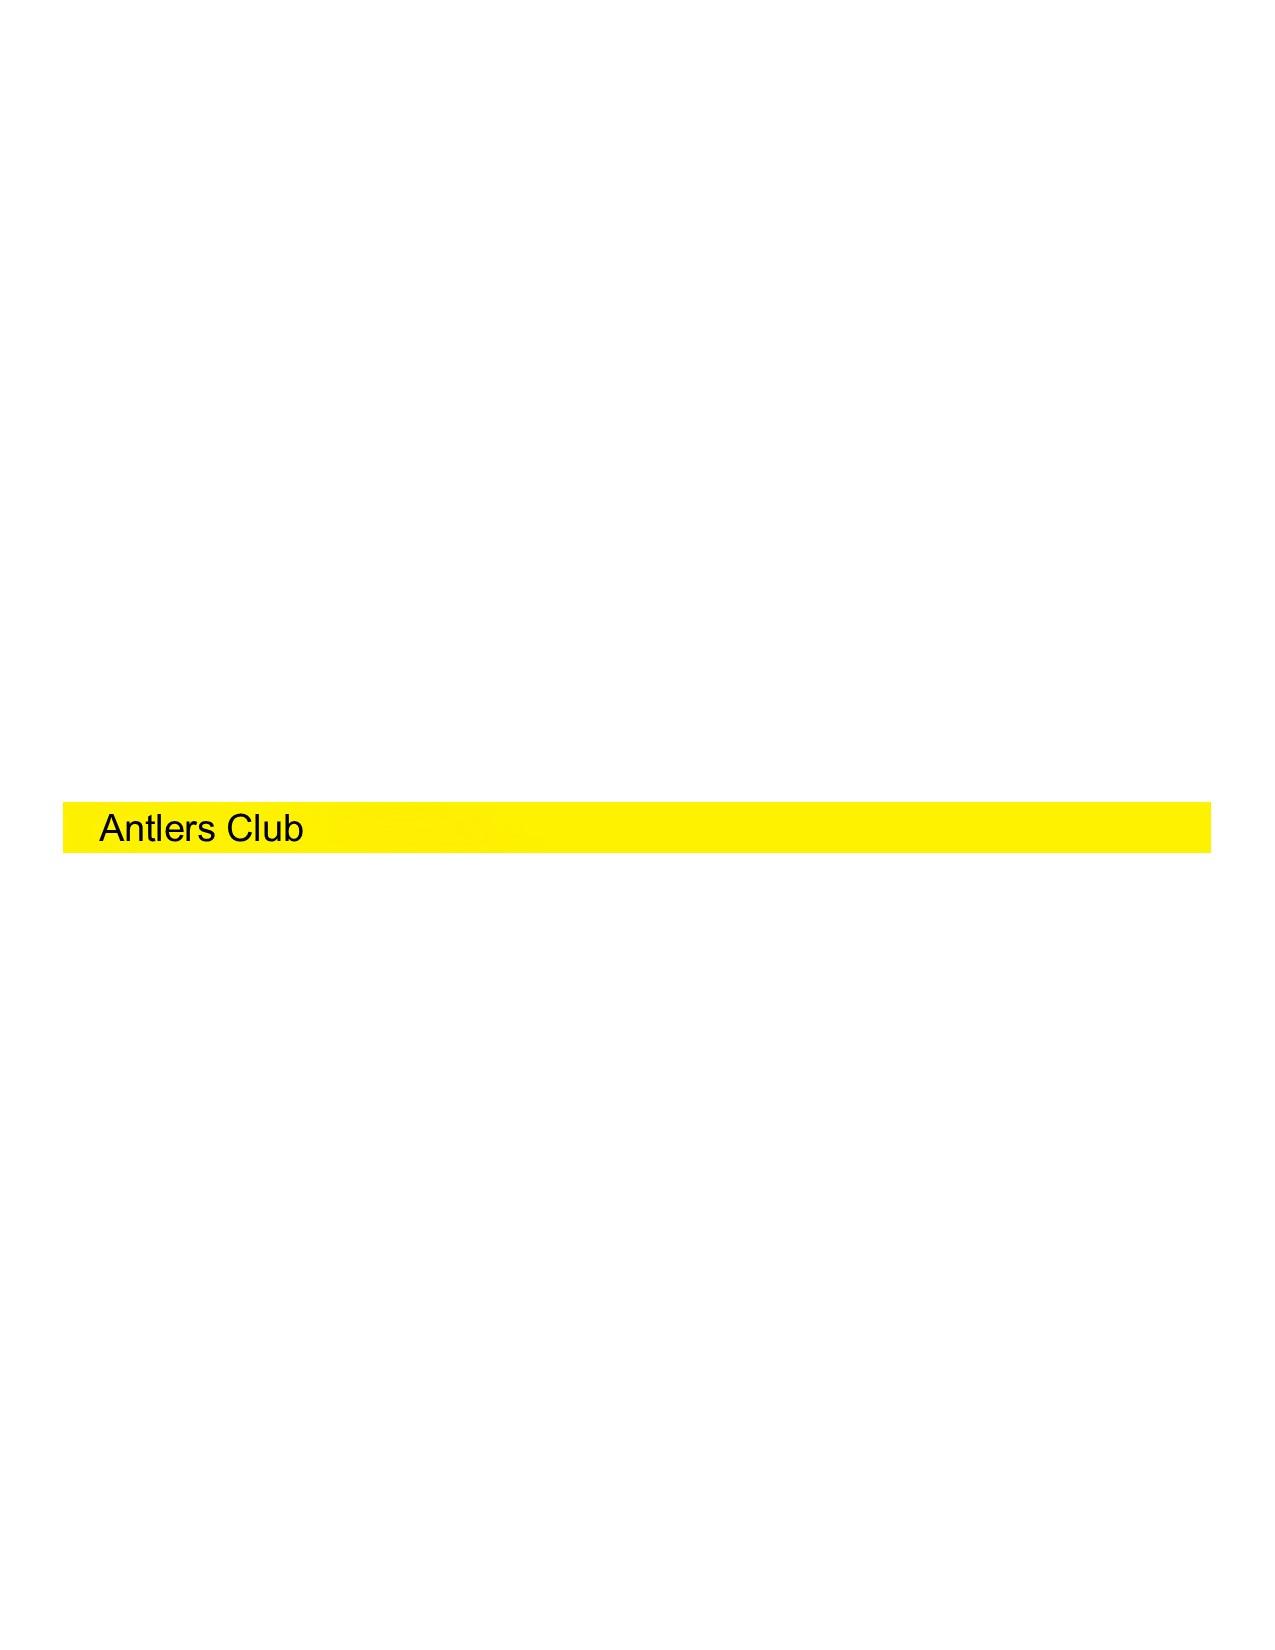 Antlers_Club.jpg